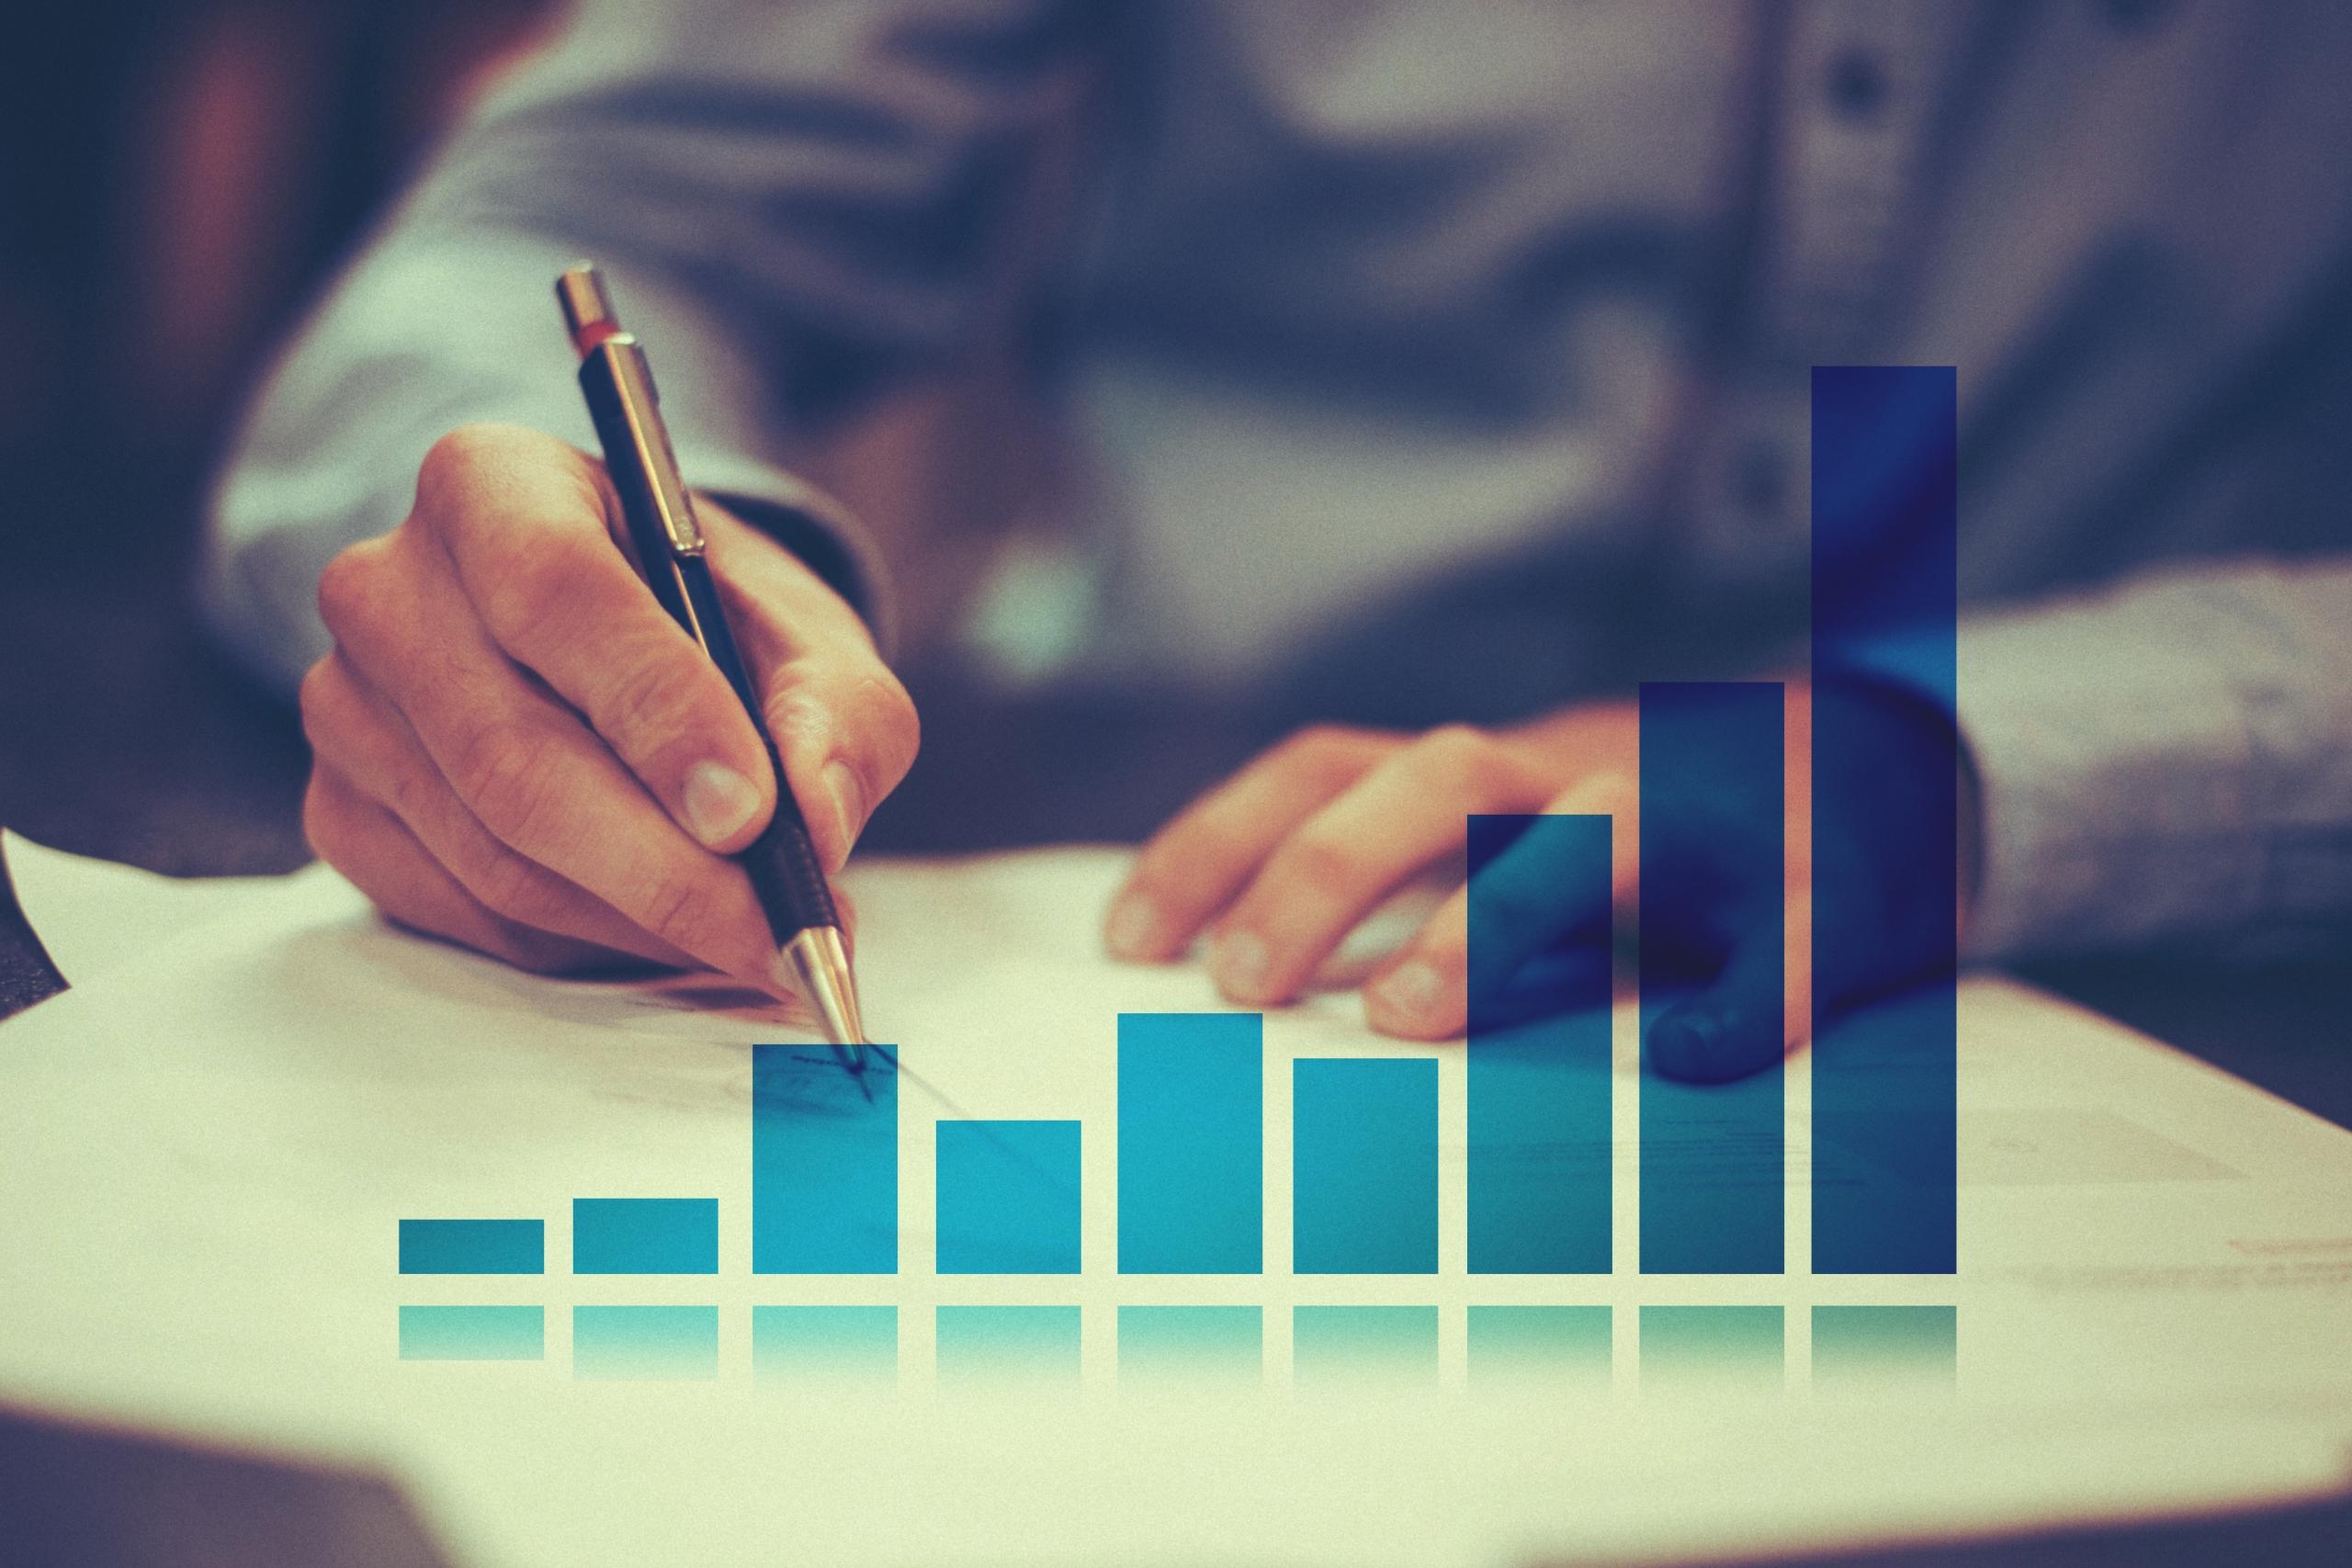 Bouw sneller vermogen op door lage hypotheekrentes